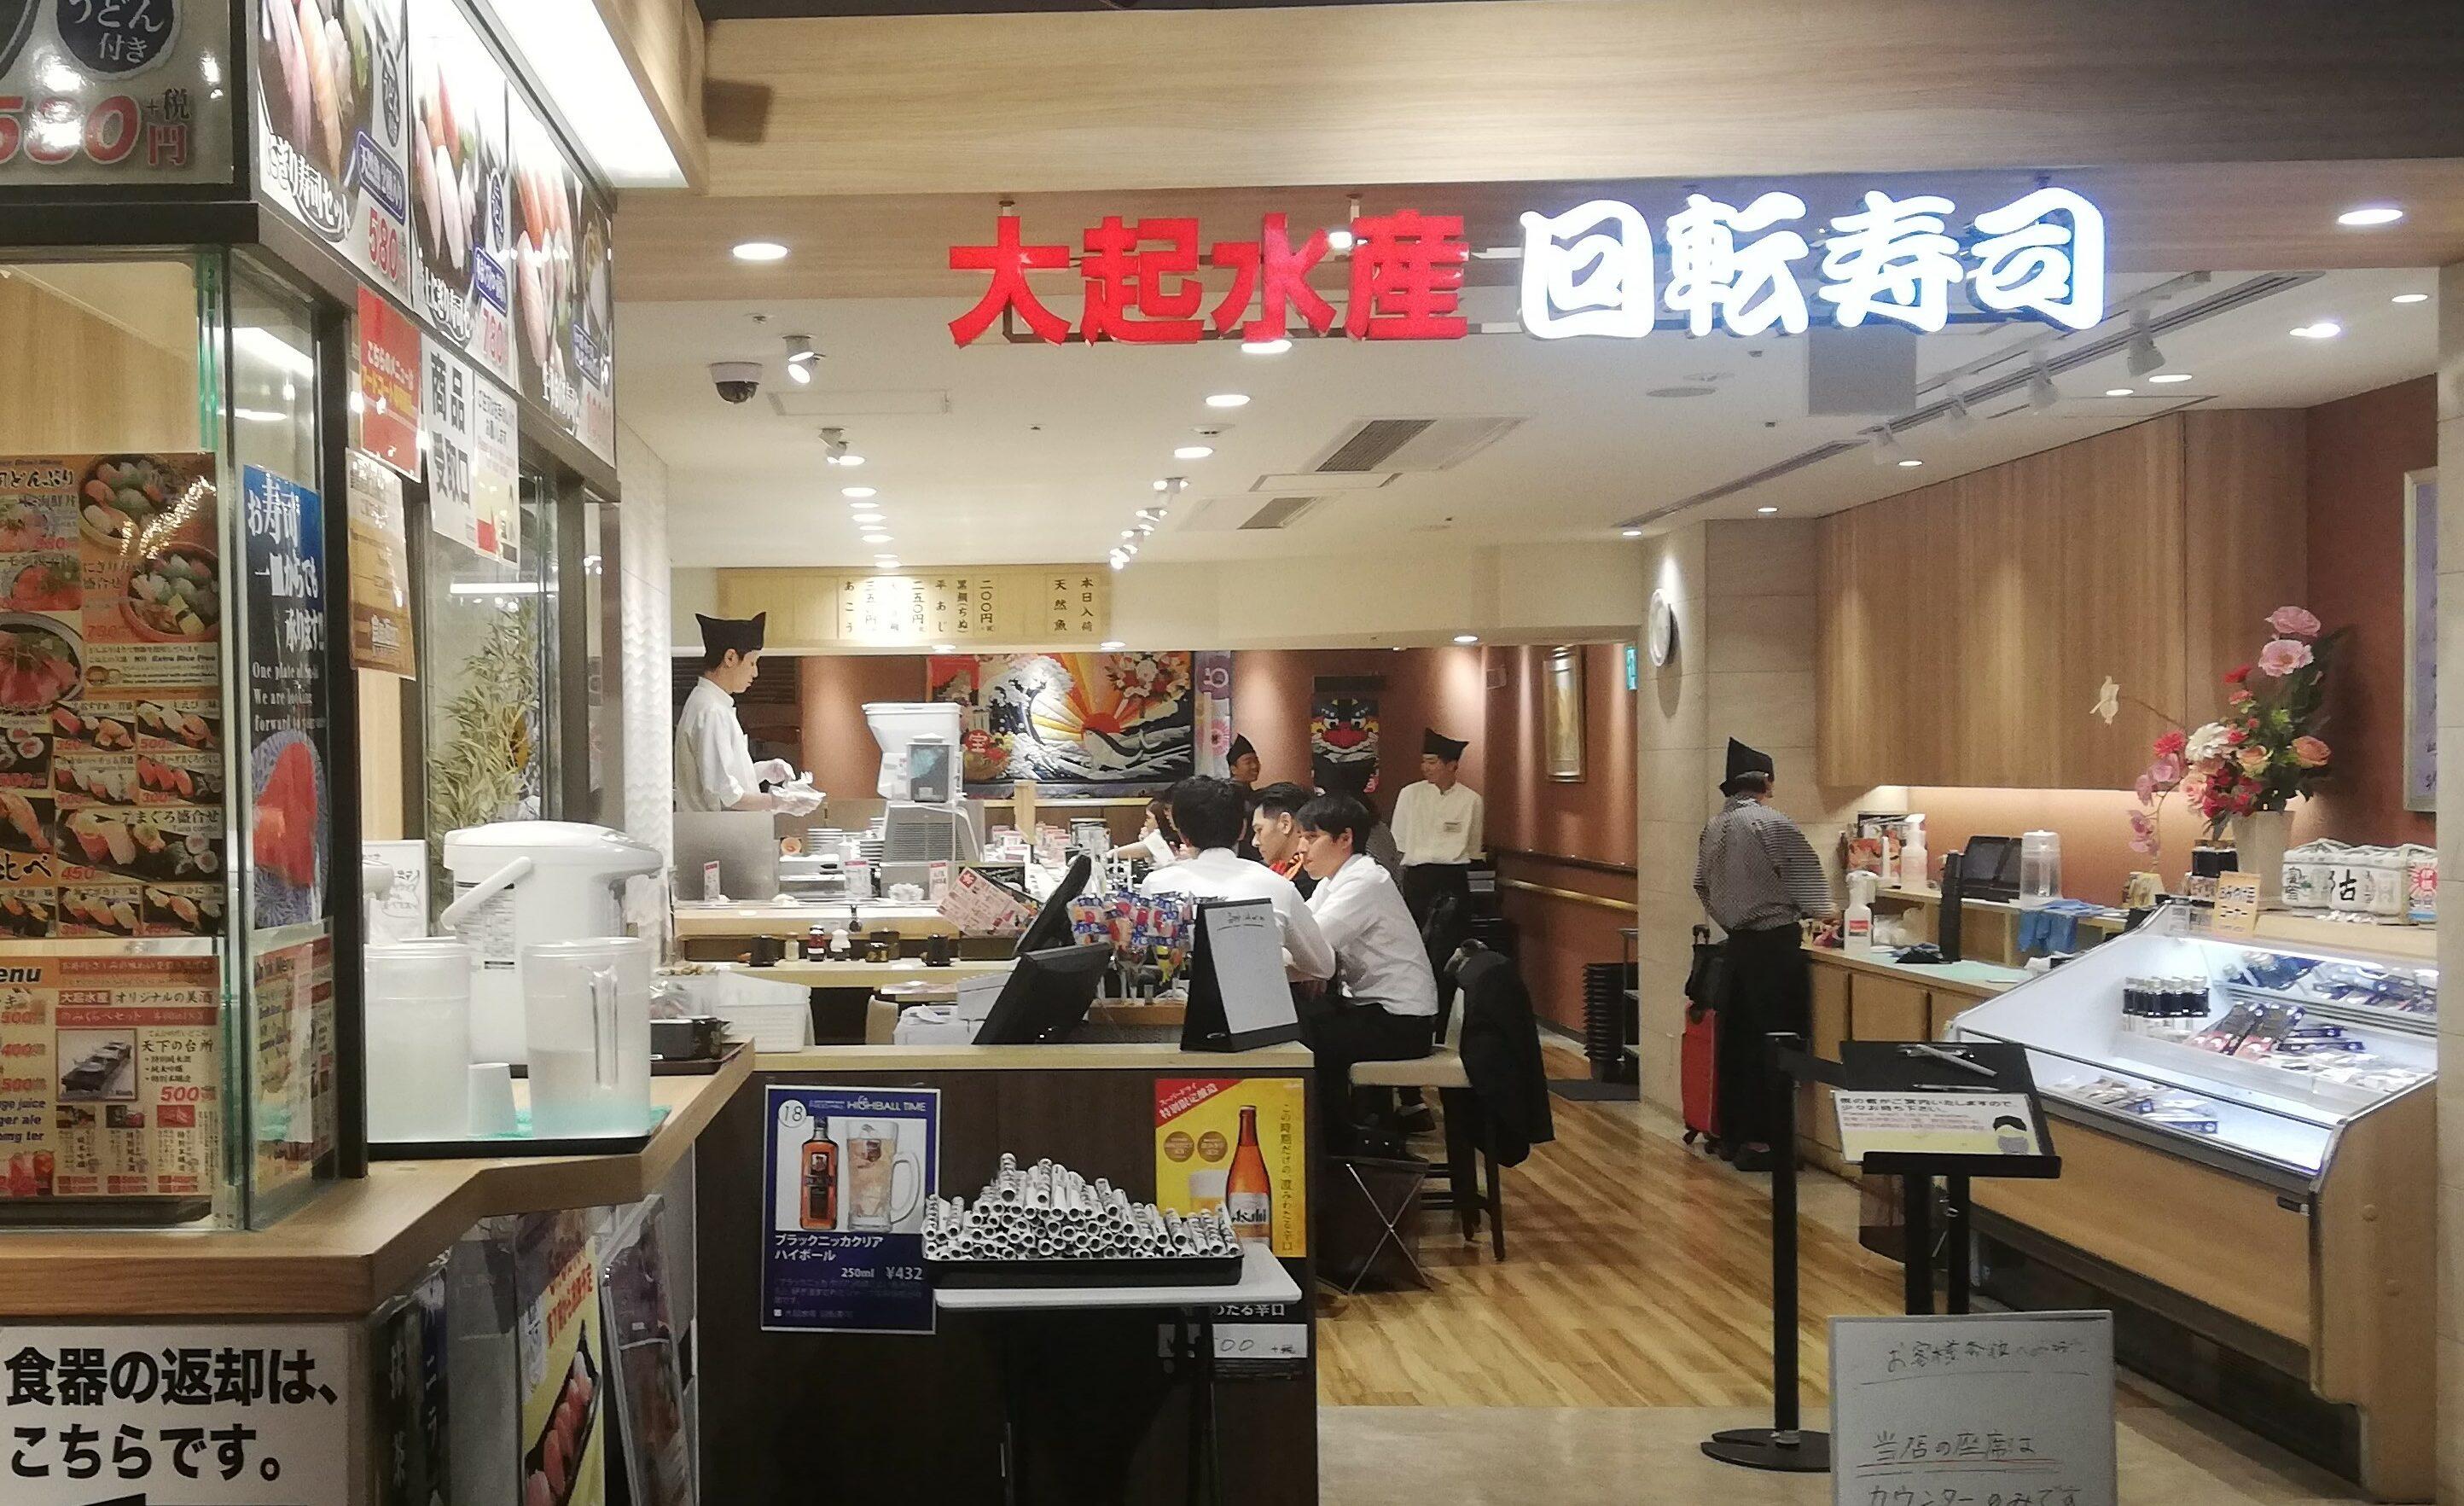 京都的回转寿司第2集 --京都站周边的寿司